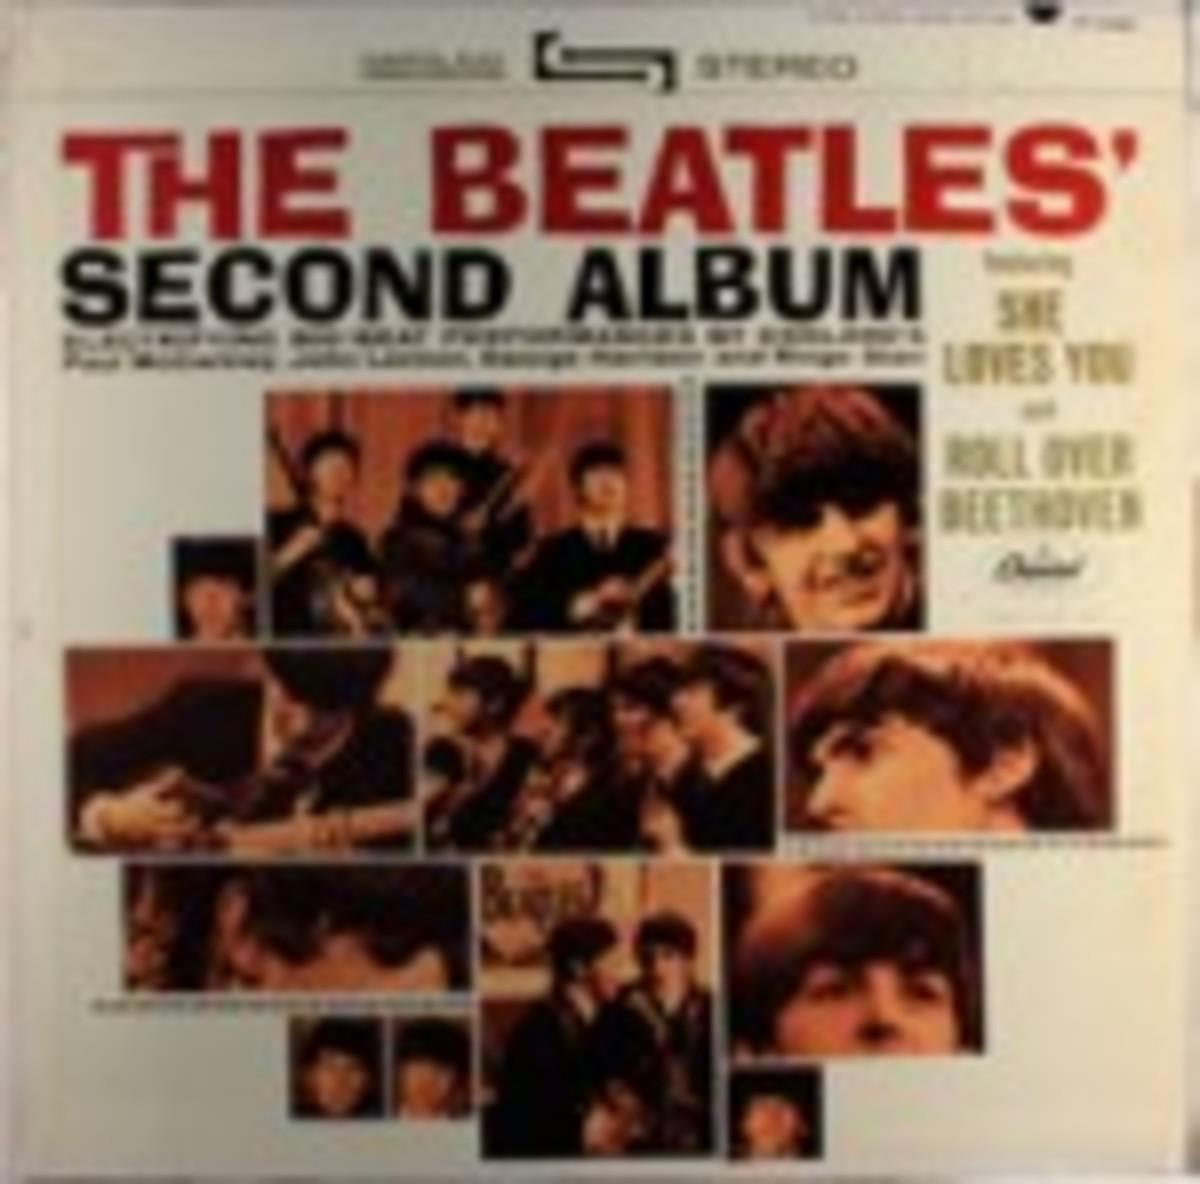 TheBeatles_SecondAlbum